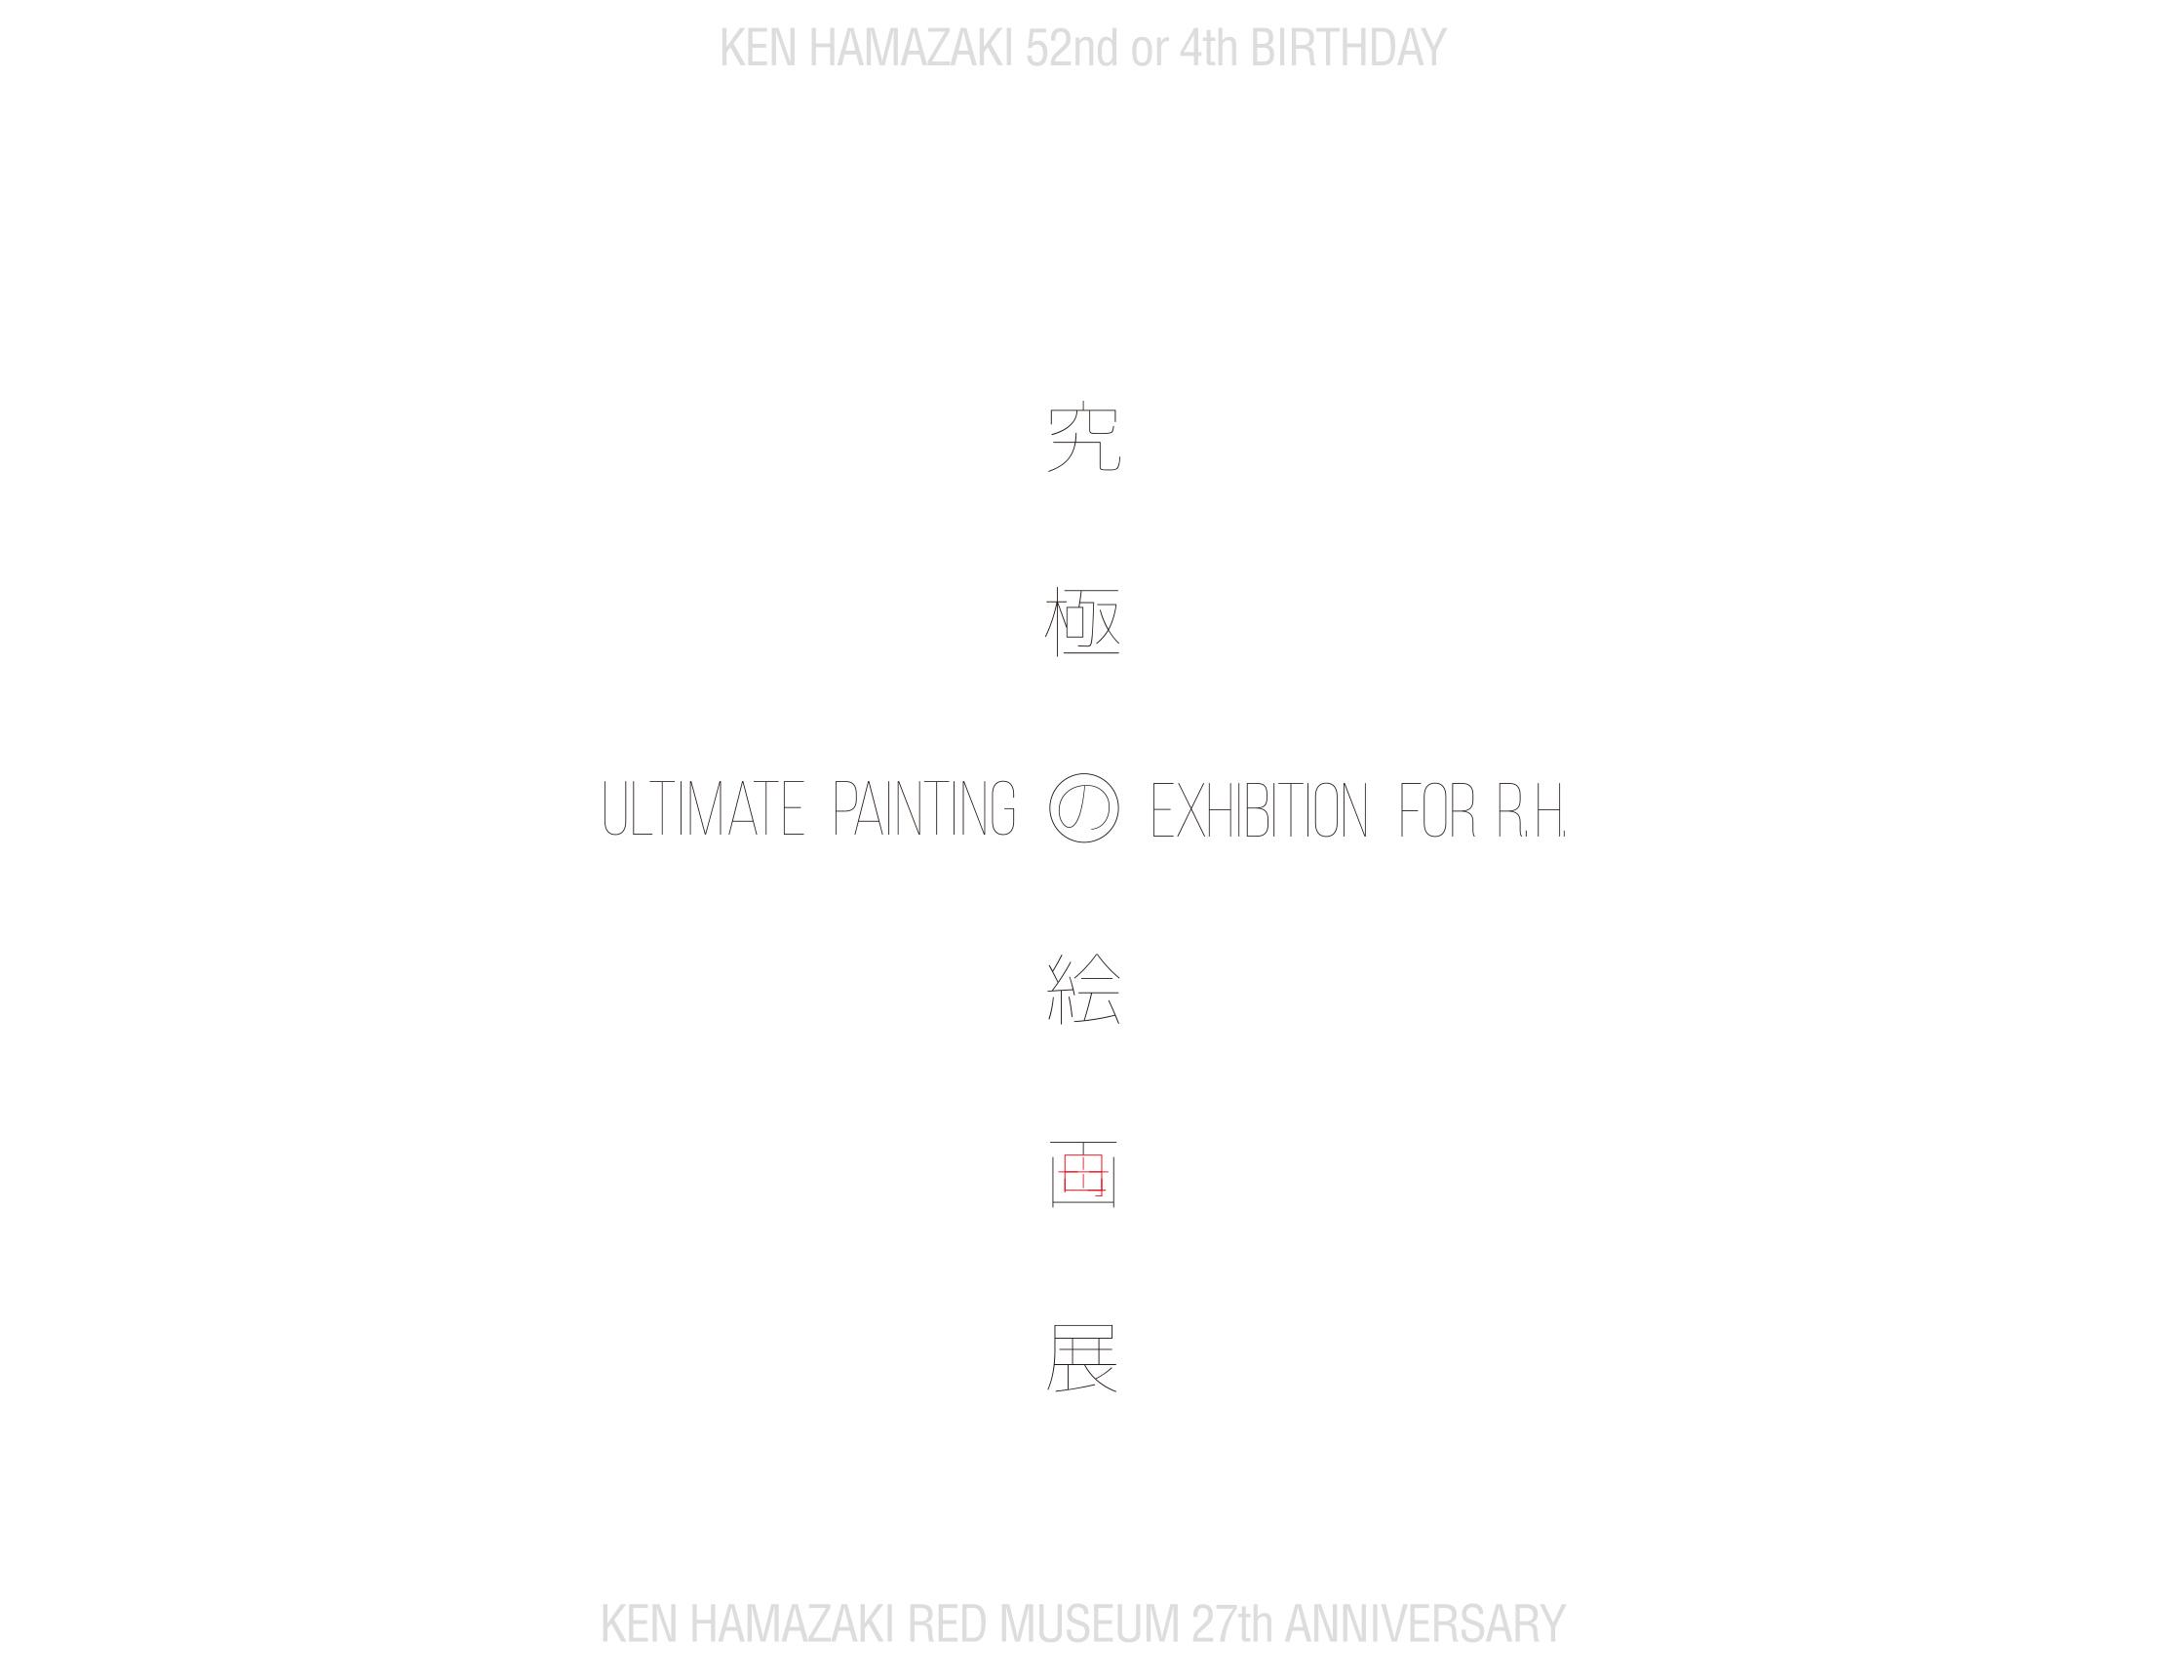 究極の絵画展 &浜崎健立現代美術館27周年 &浜崎健4歳(52歳)誕生日祭